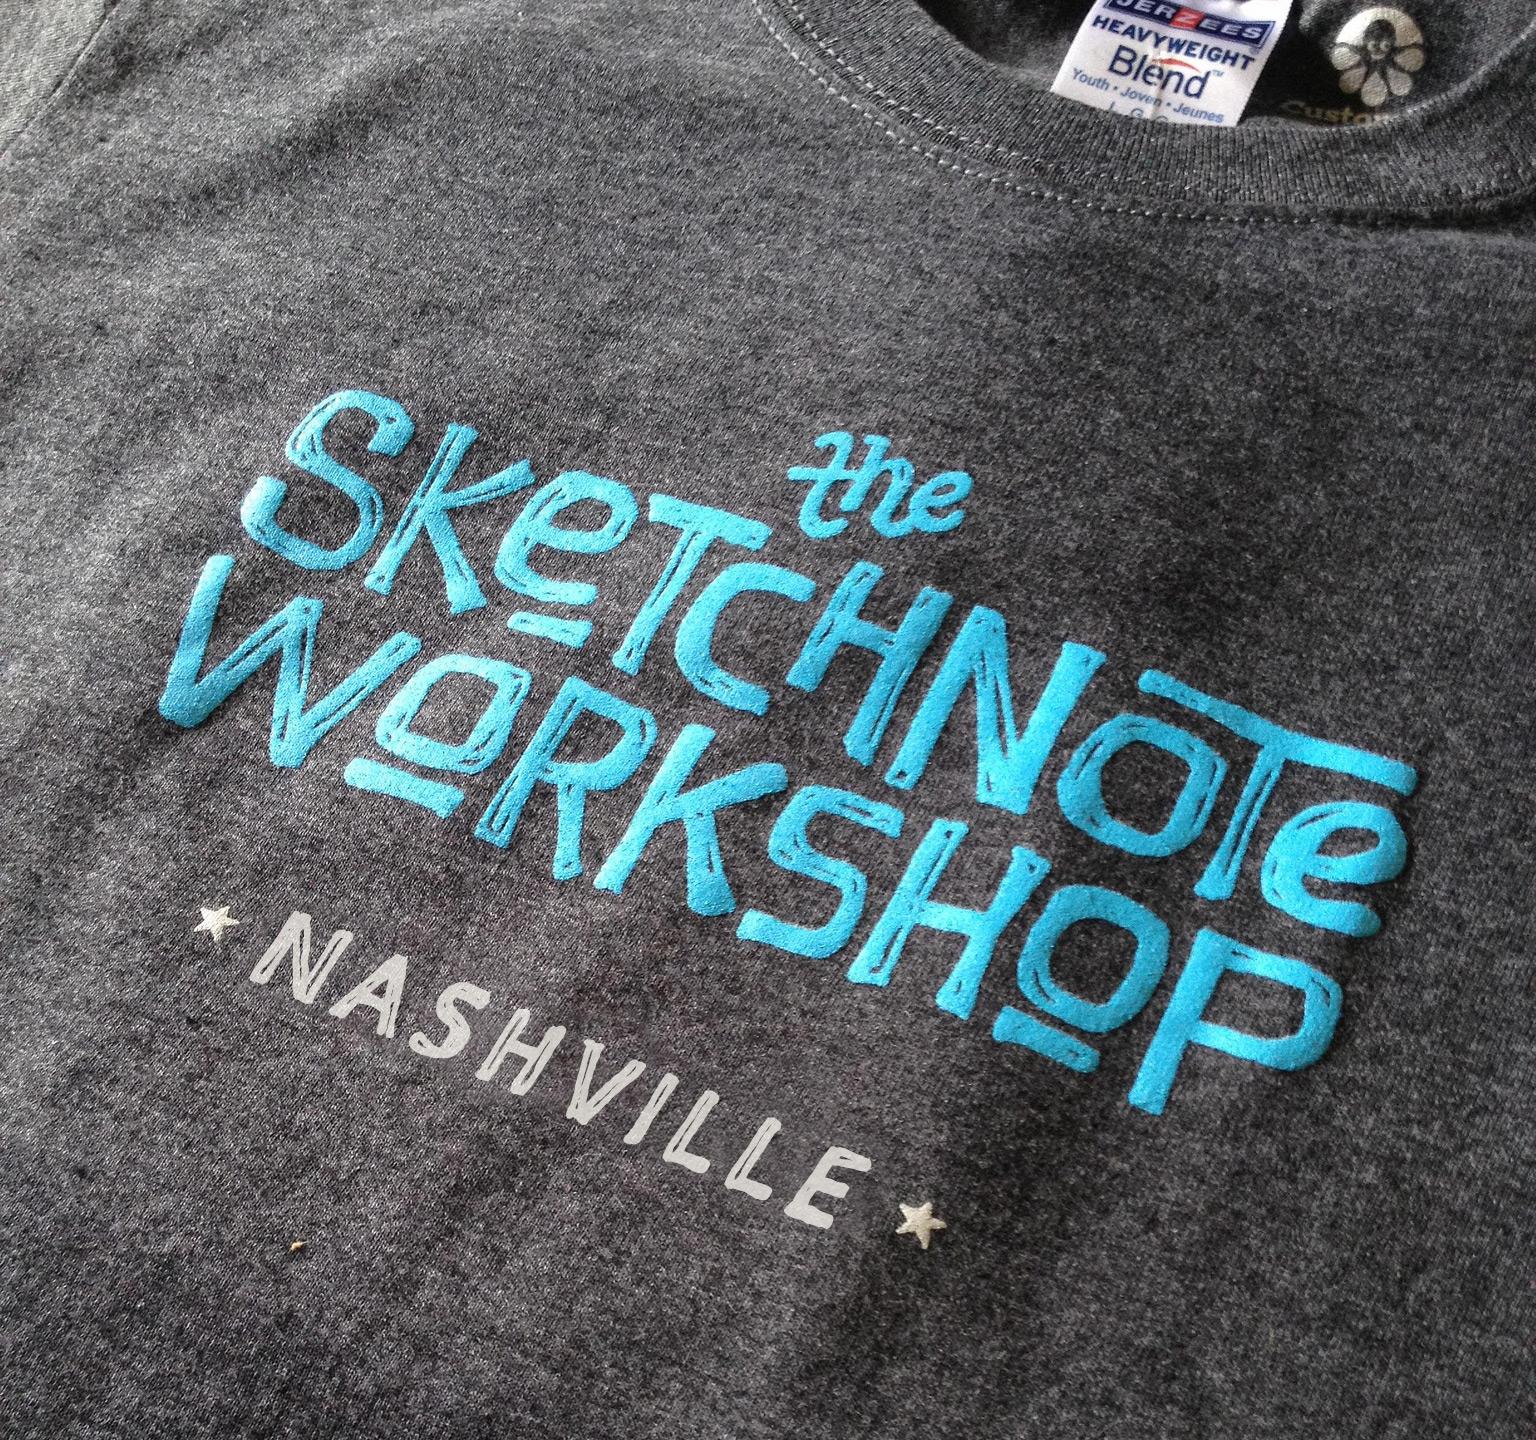 The Sketchnote Workshop Nashville t-shirt